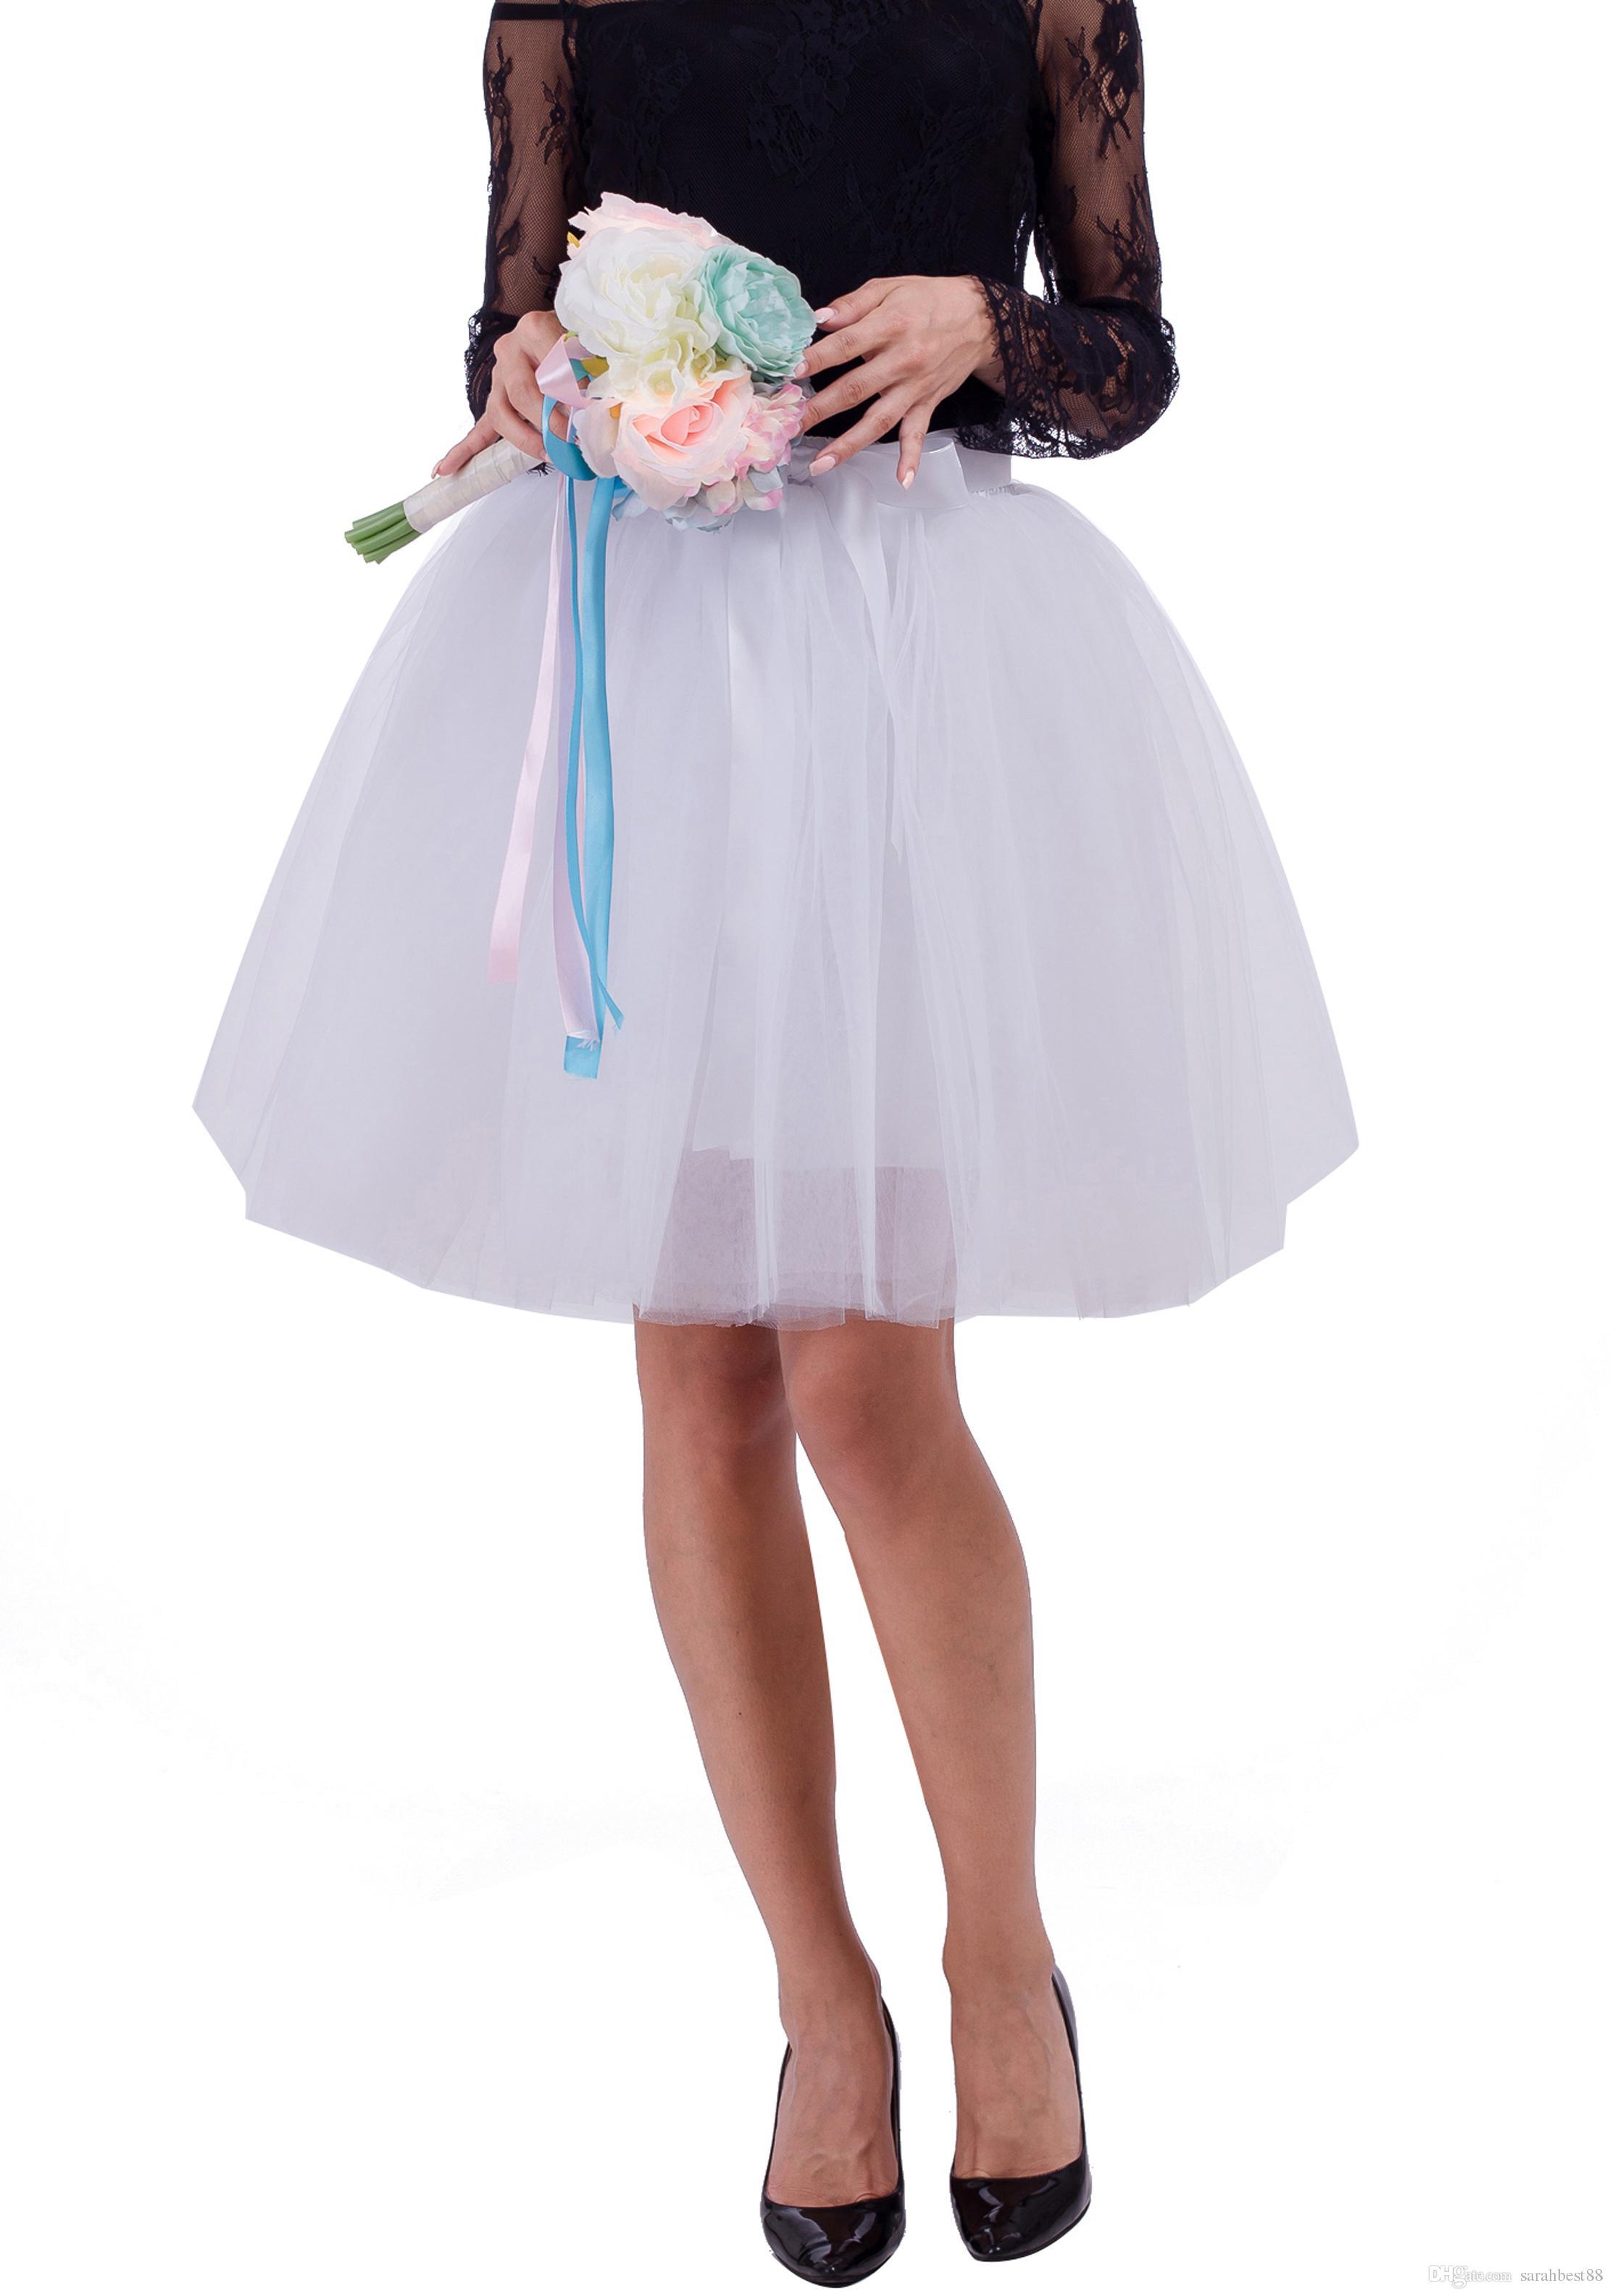 8275768adea081 Femmes Filles Demoiselle D honneur Tulle Jupe Jupon Plissée Taille Haute  Mini Jupe 7 Couches A-Line Tutu Princesse Jupe De Mariage Partie Avec ...